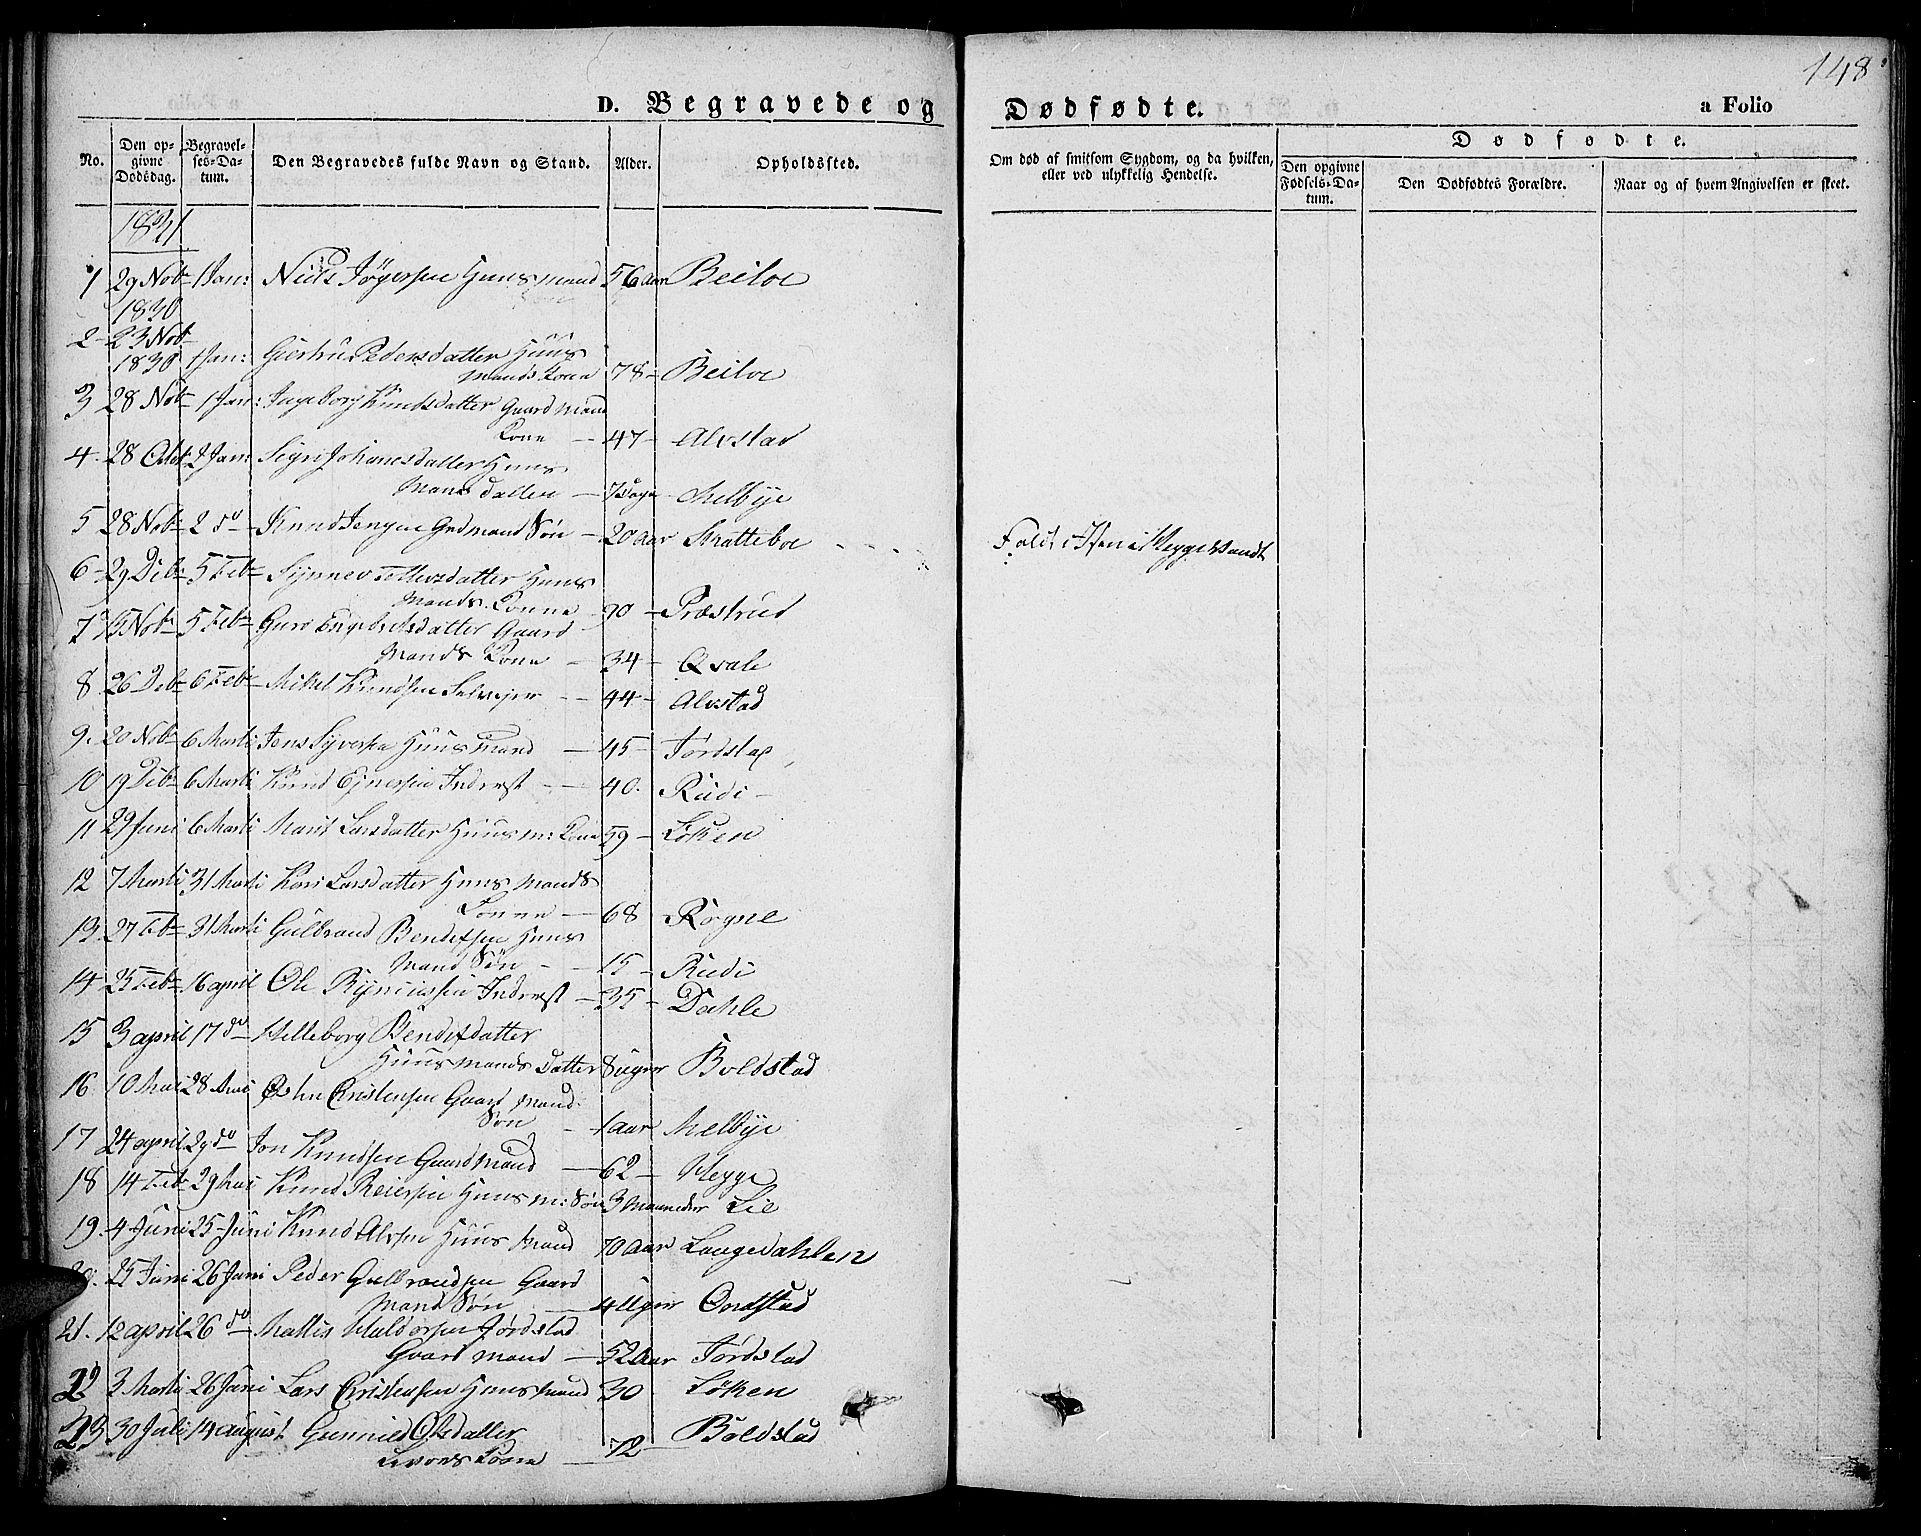 SAH, Slidre prestekontor, Ministerialbok nr. 4, 1831-1848, s. 148